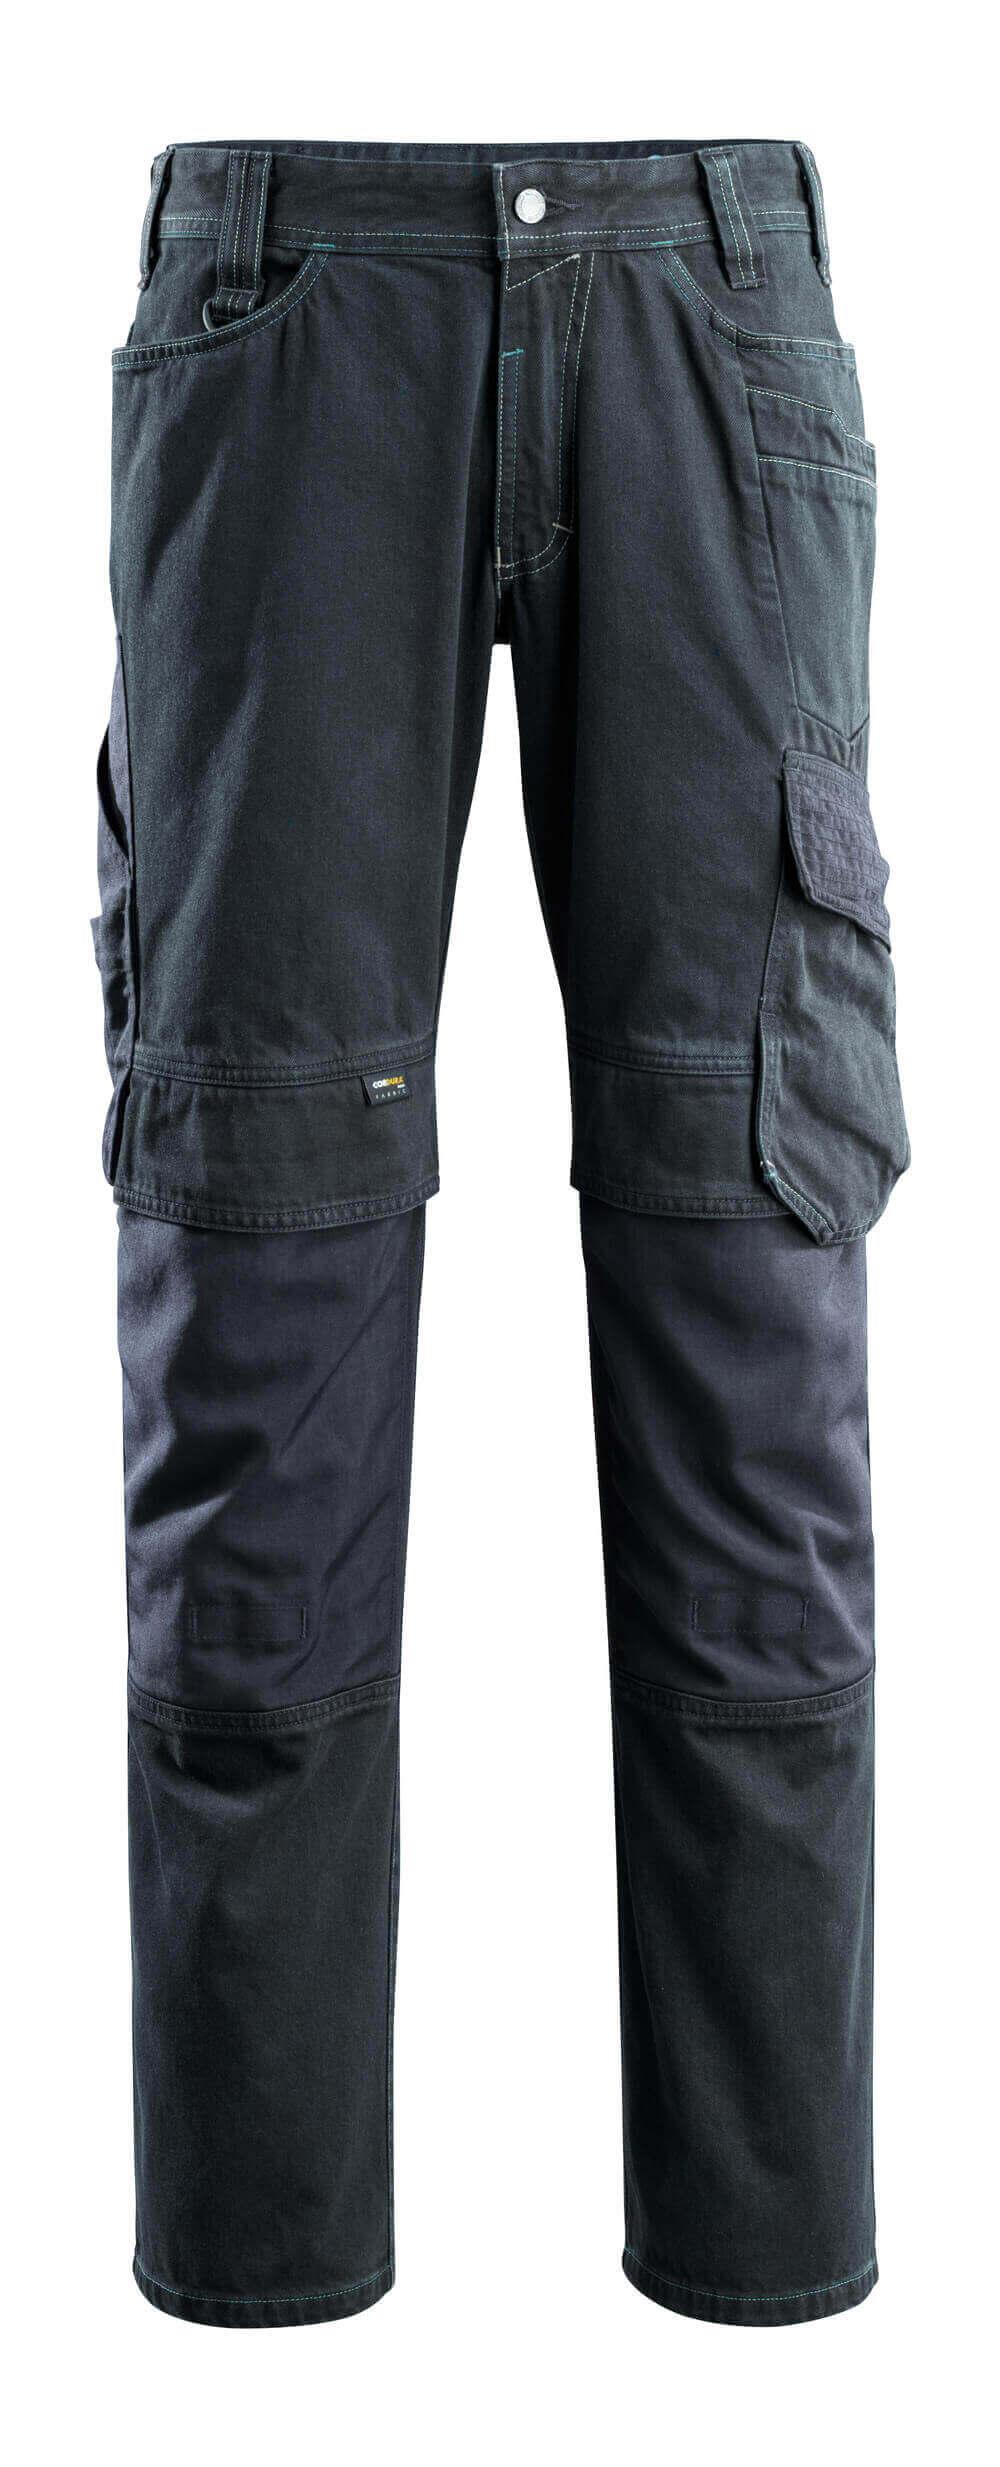 15179-207-86 Jeans avec poches gensouillères - Denim bleu foncé